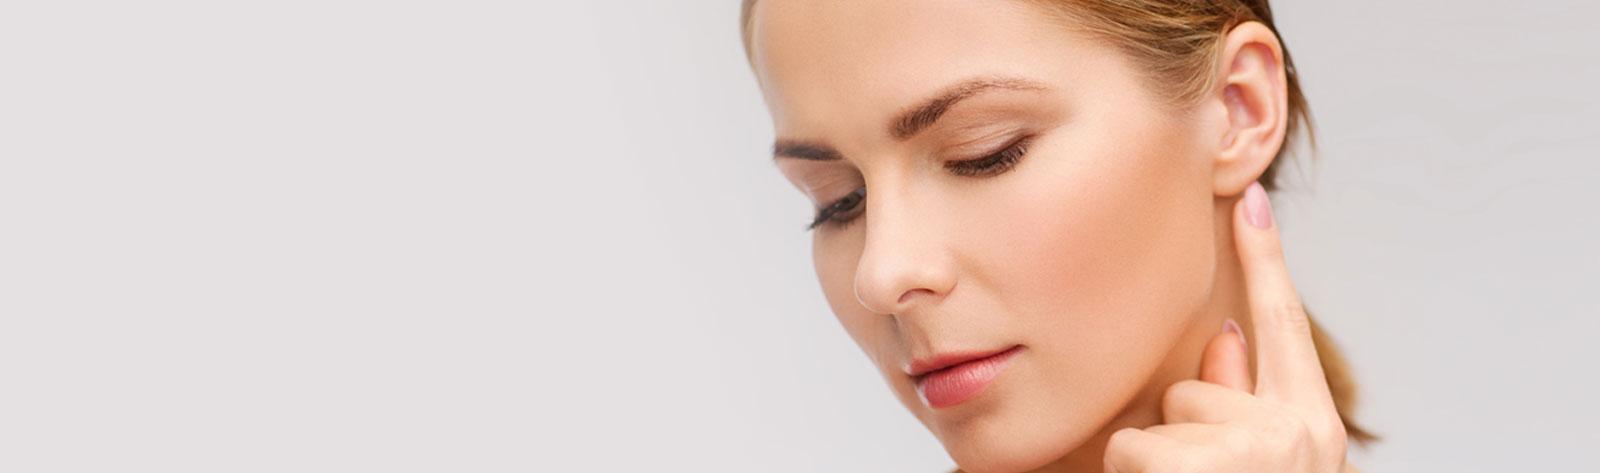 Plastyka uszu – co należy wiedzieć o zabiegu?